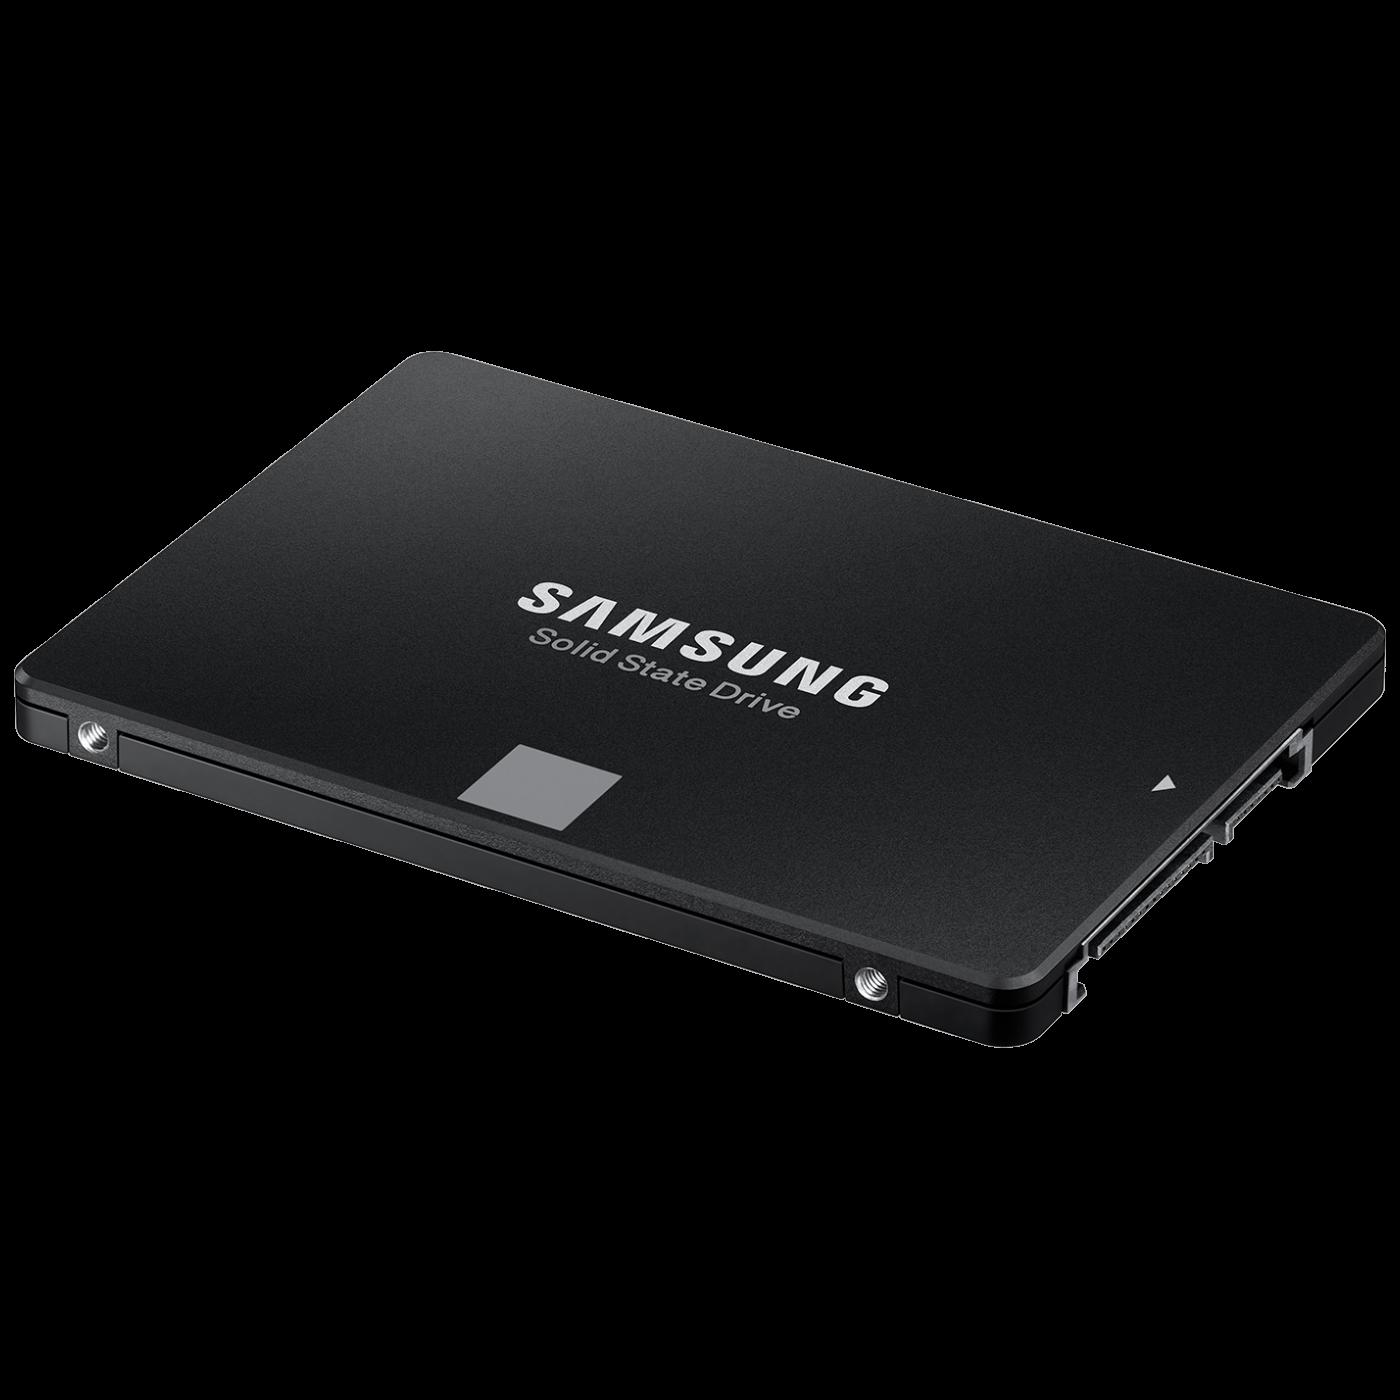 Samsung - MZ-76E250B/EU